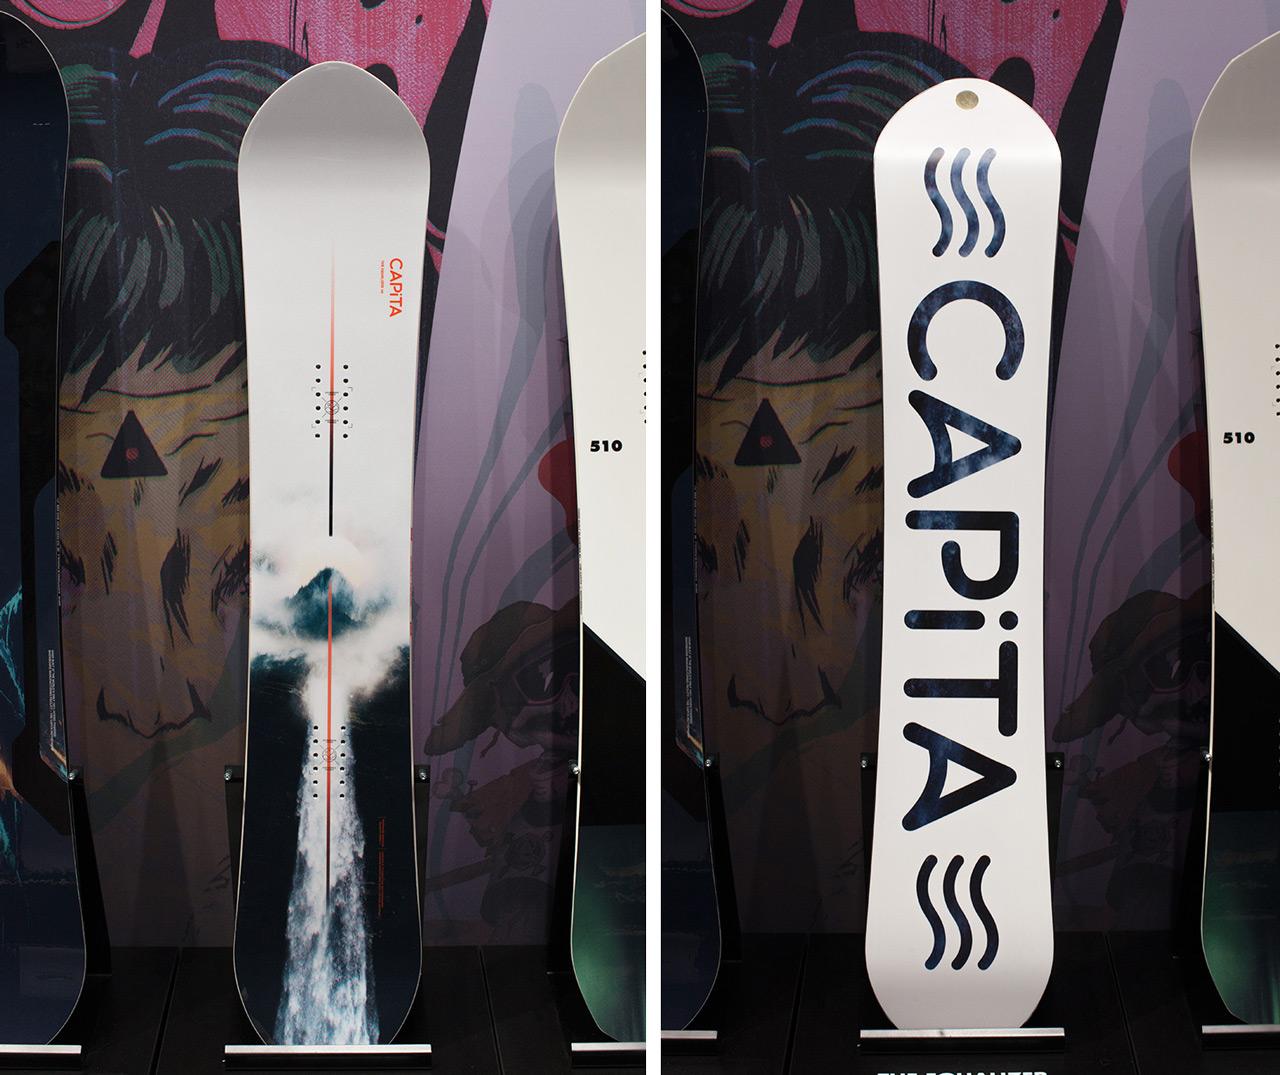 Capita The Equalizer by Jess Kimura 2019/20